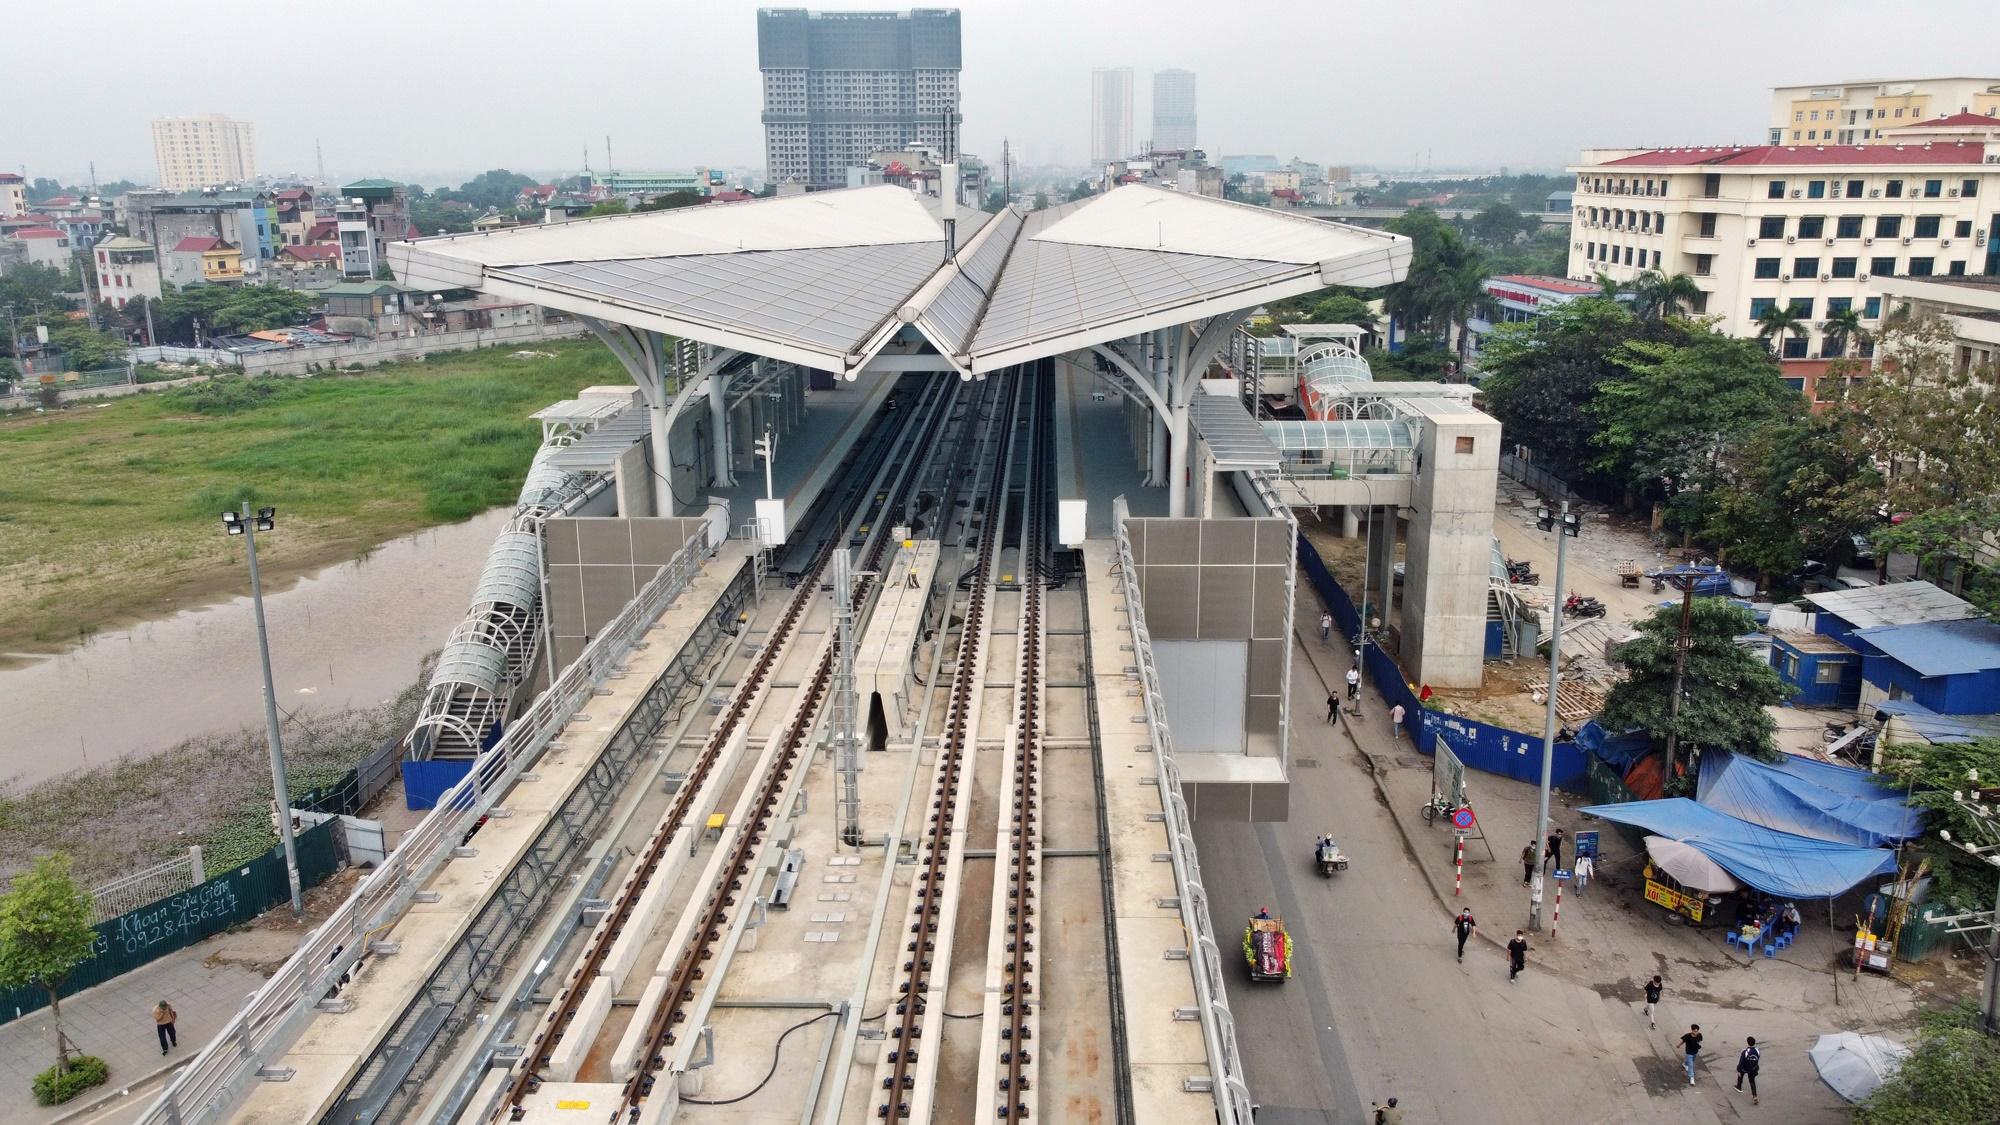 Hình ảnh đường sắt Nhổn - ga Hà Nội khi 'đến hẹn' vận hành đoạn trên cao - Ảnh 17.